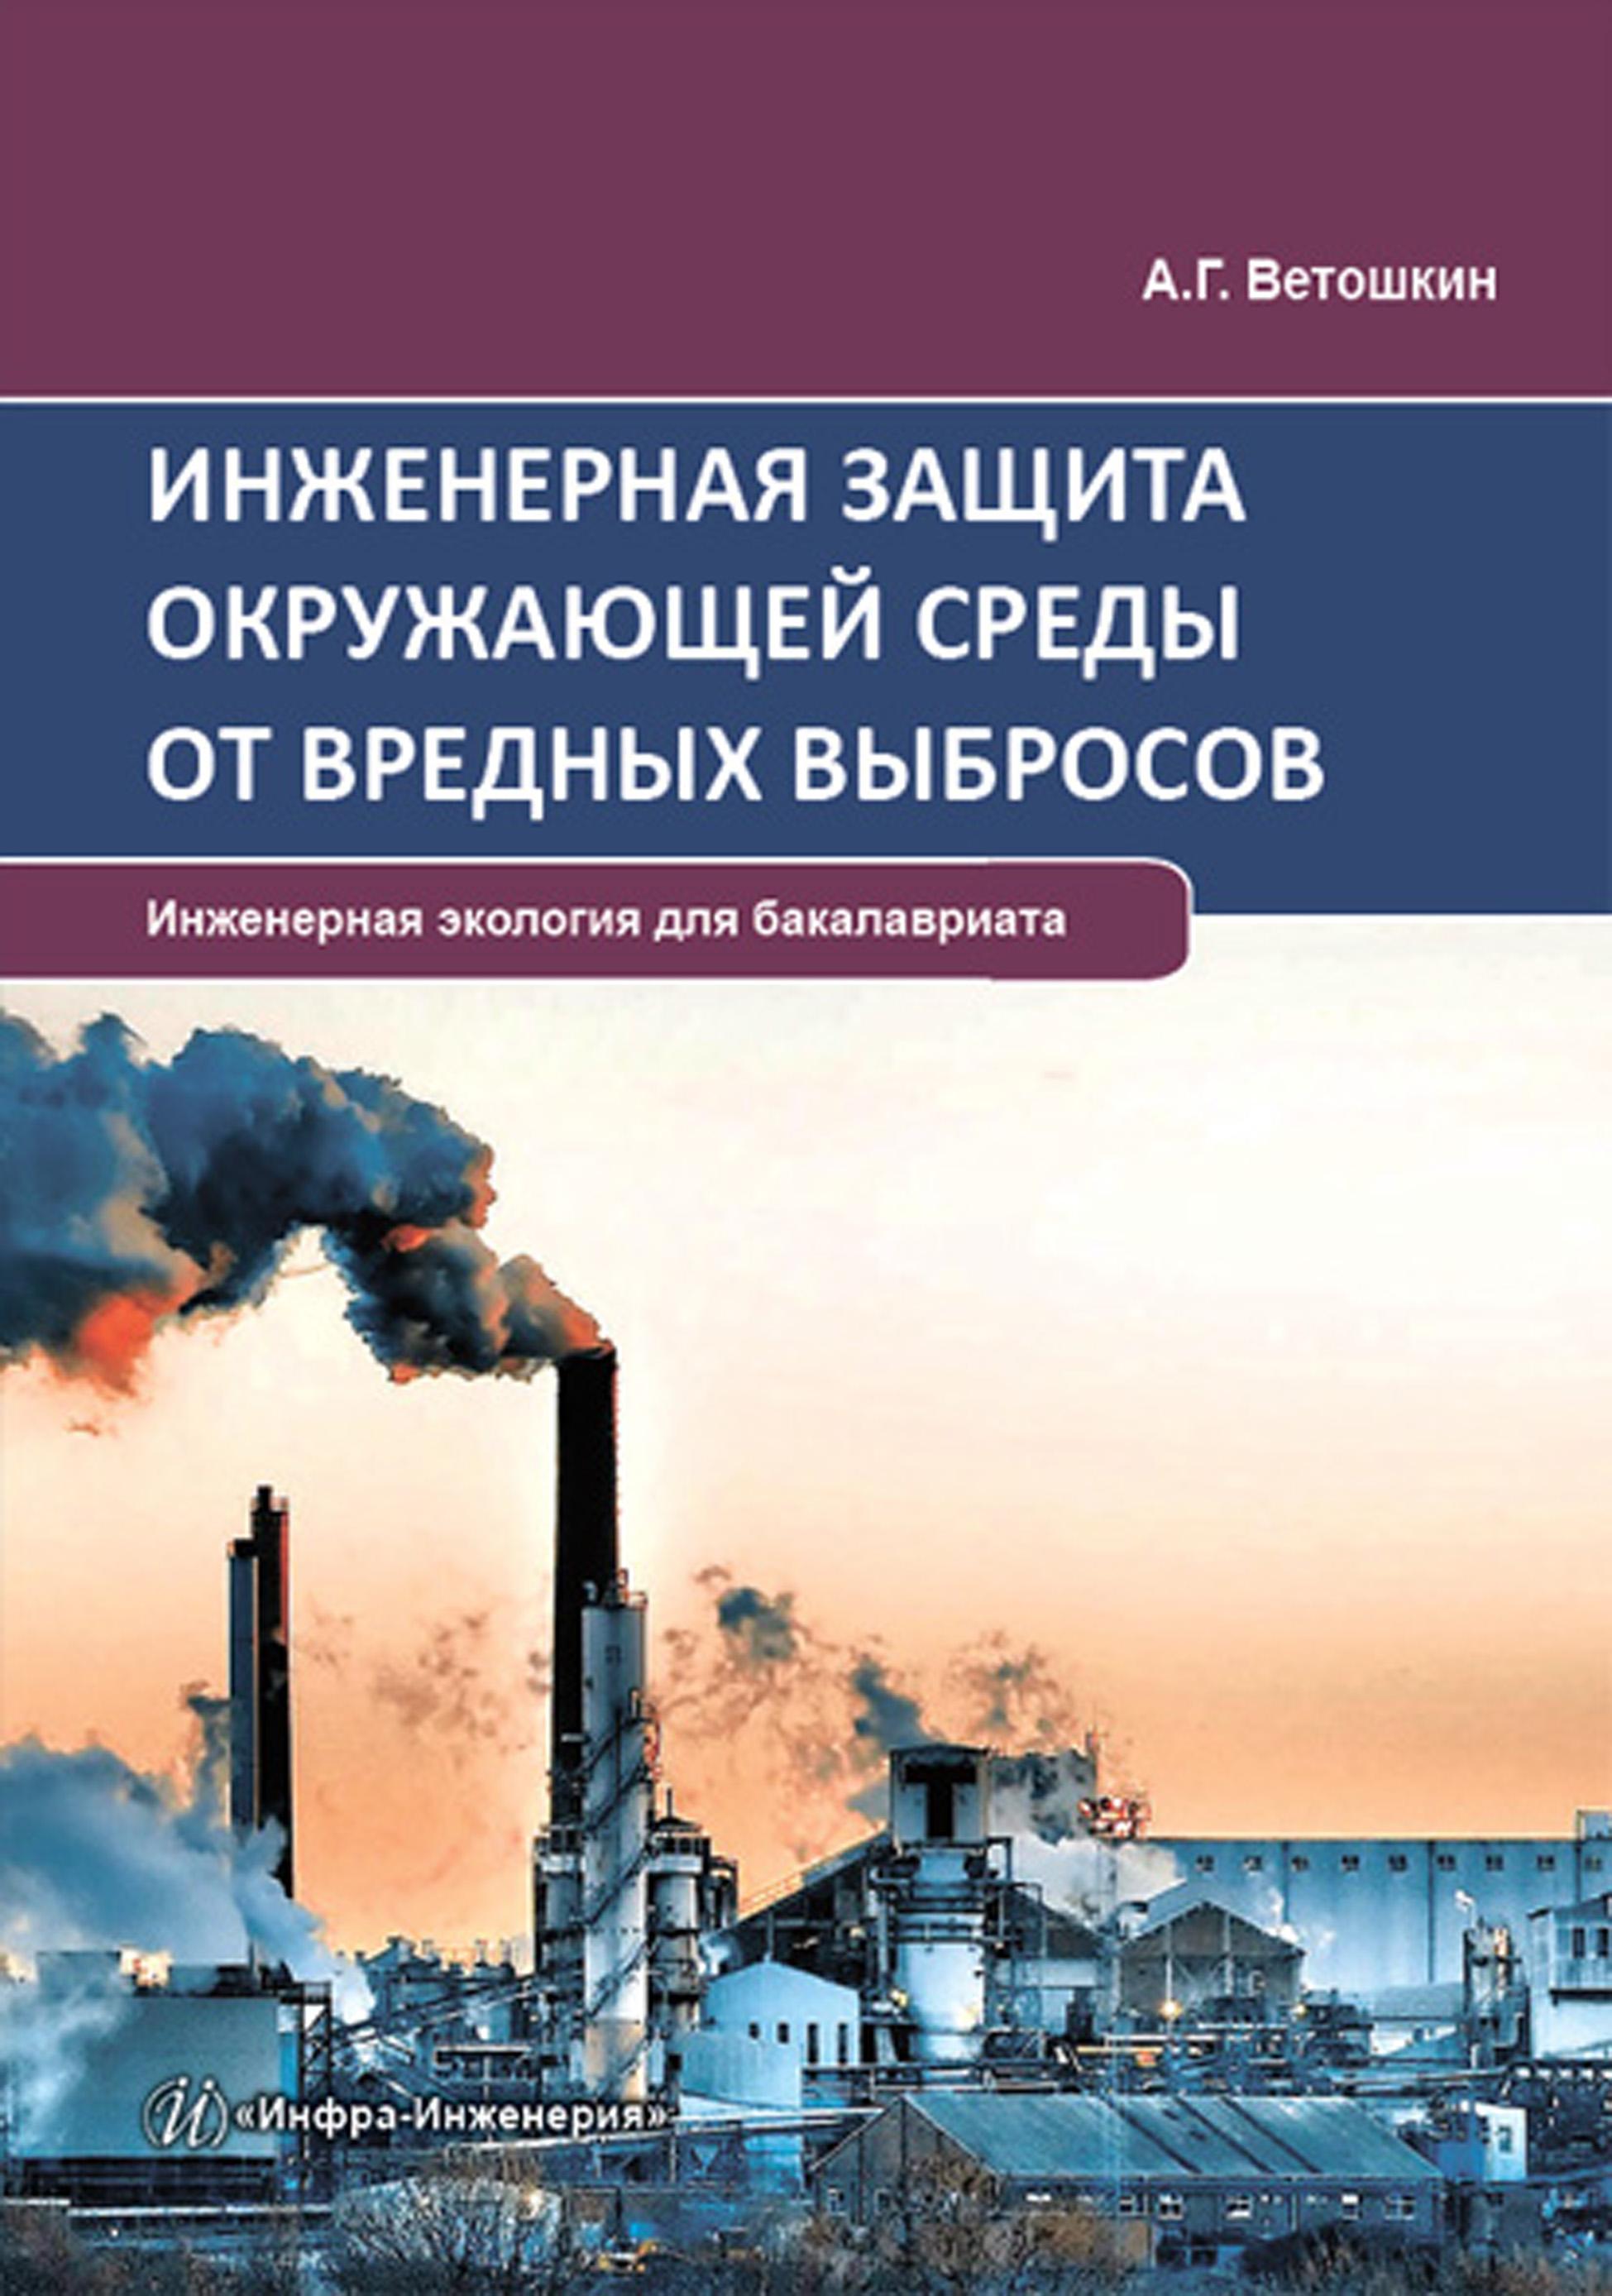 Инженерная защита окружающей среды от вредных выбросов